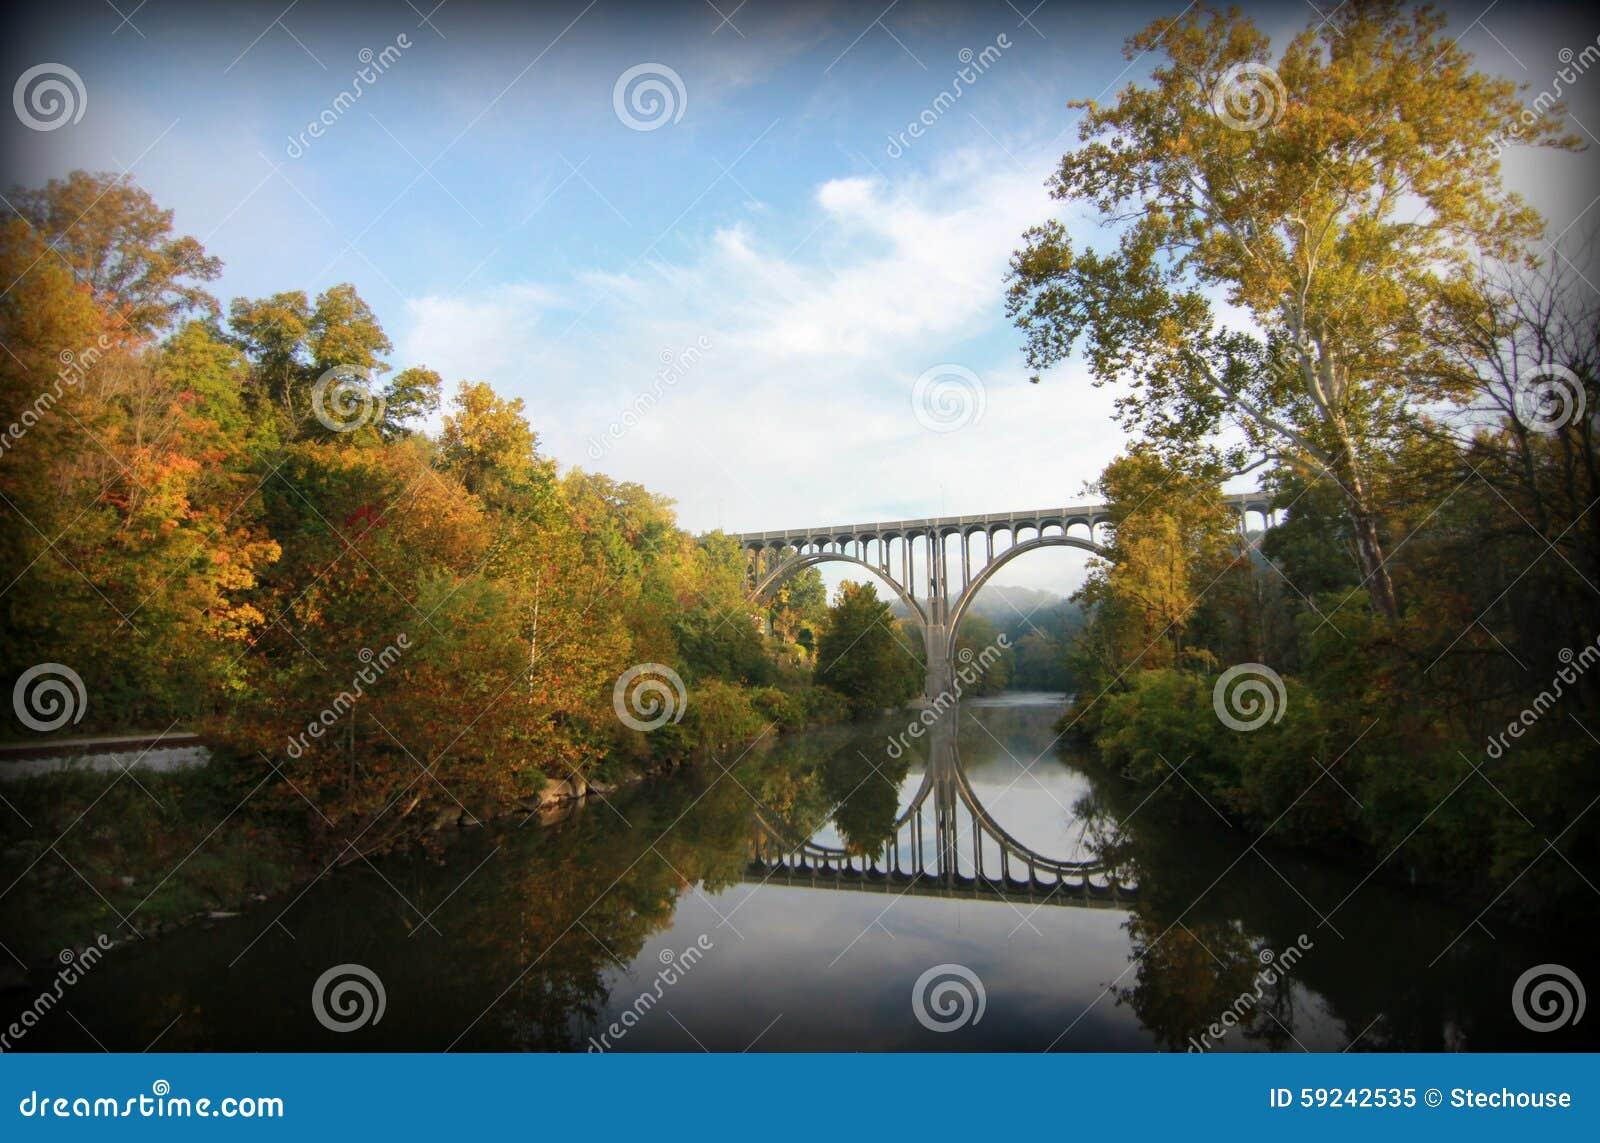 Download Ohio al aire libre imagen de archivo. Imagen de north - 59242535